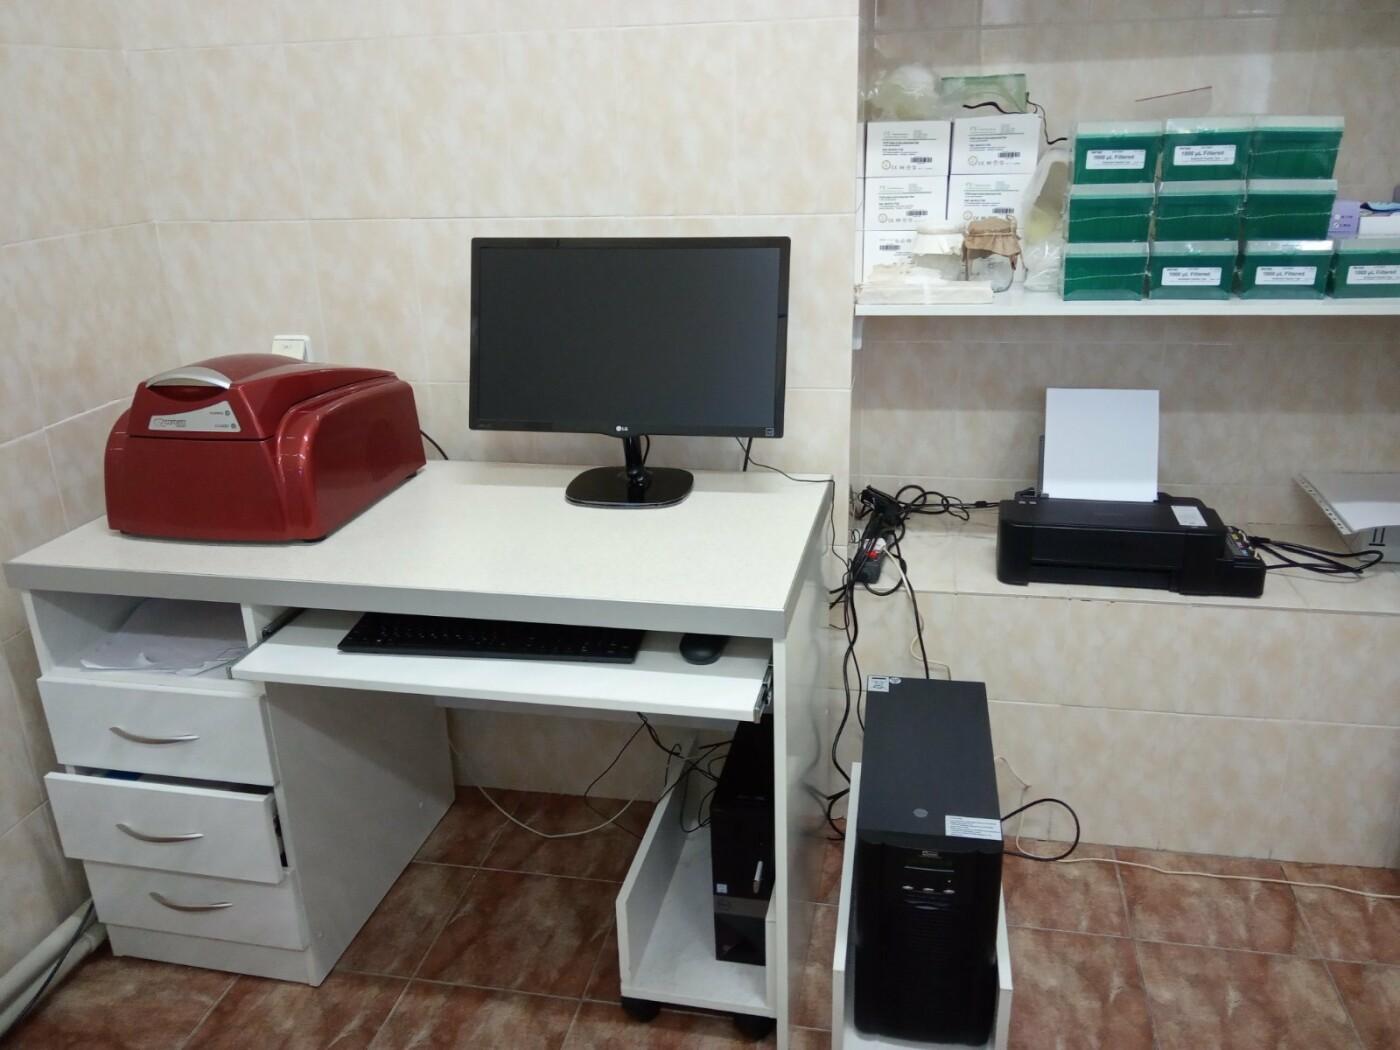 Благодійний фонд у Сумах закупив комп'ютерну техніку для лабораторного центру, фото-1